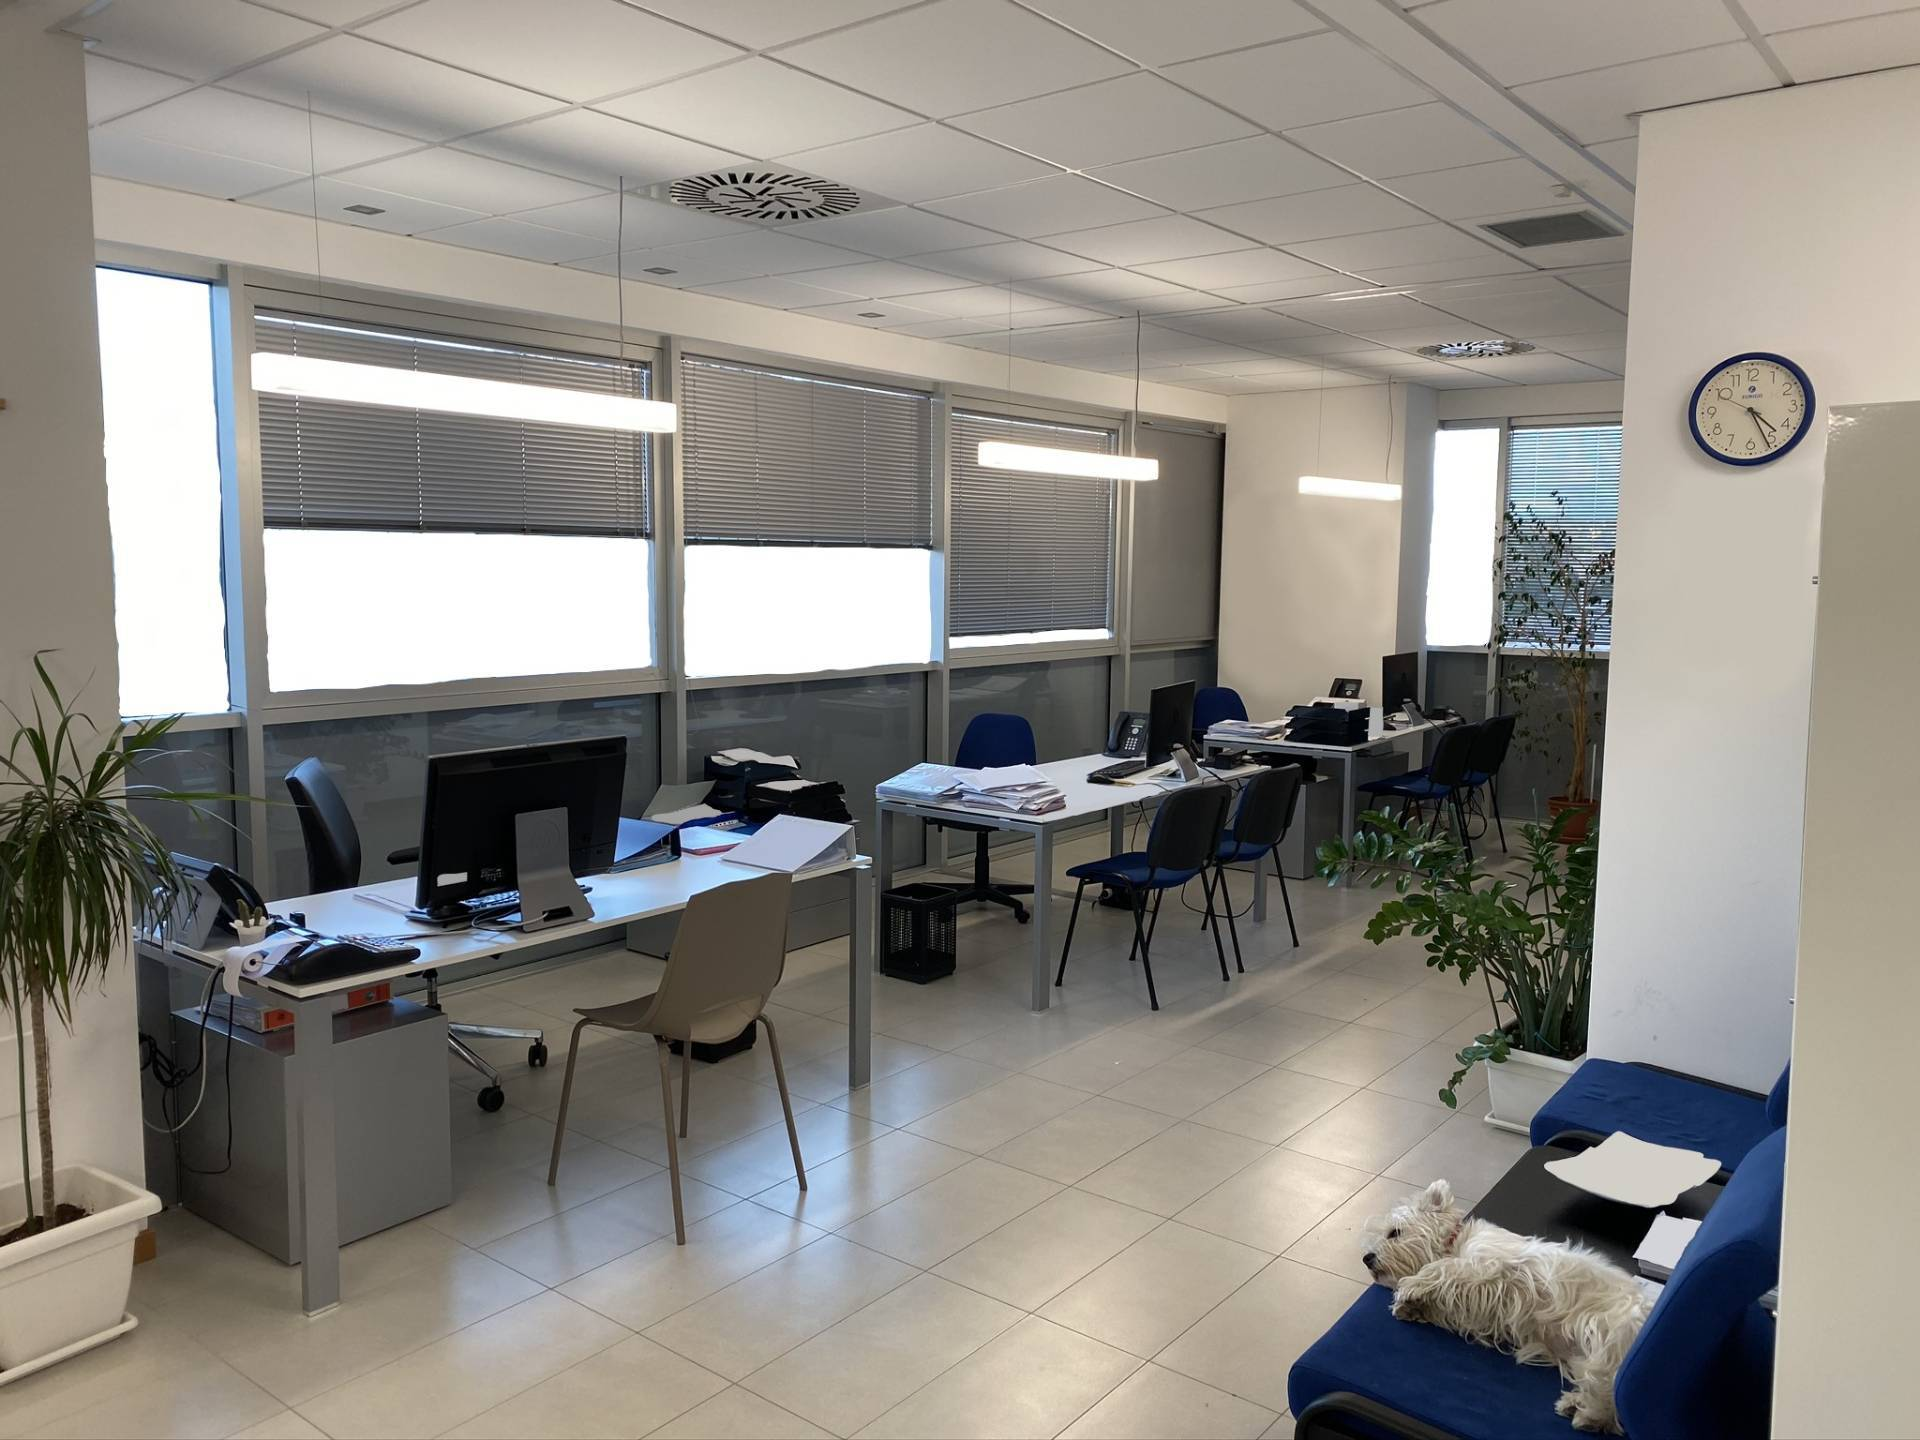 UFFICIO in Affitto a Tombaccia, Pesaro (PESARO)